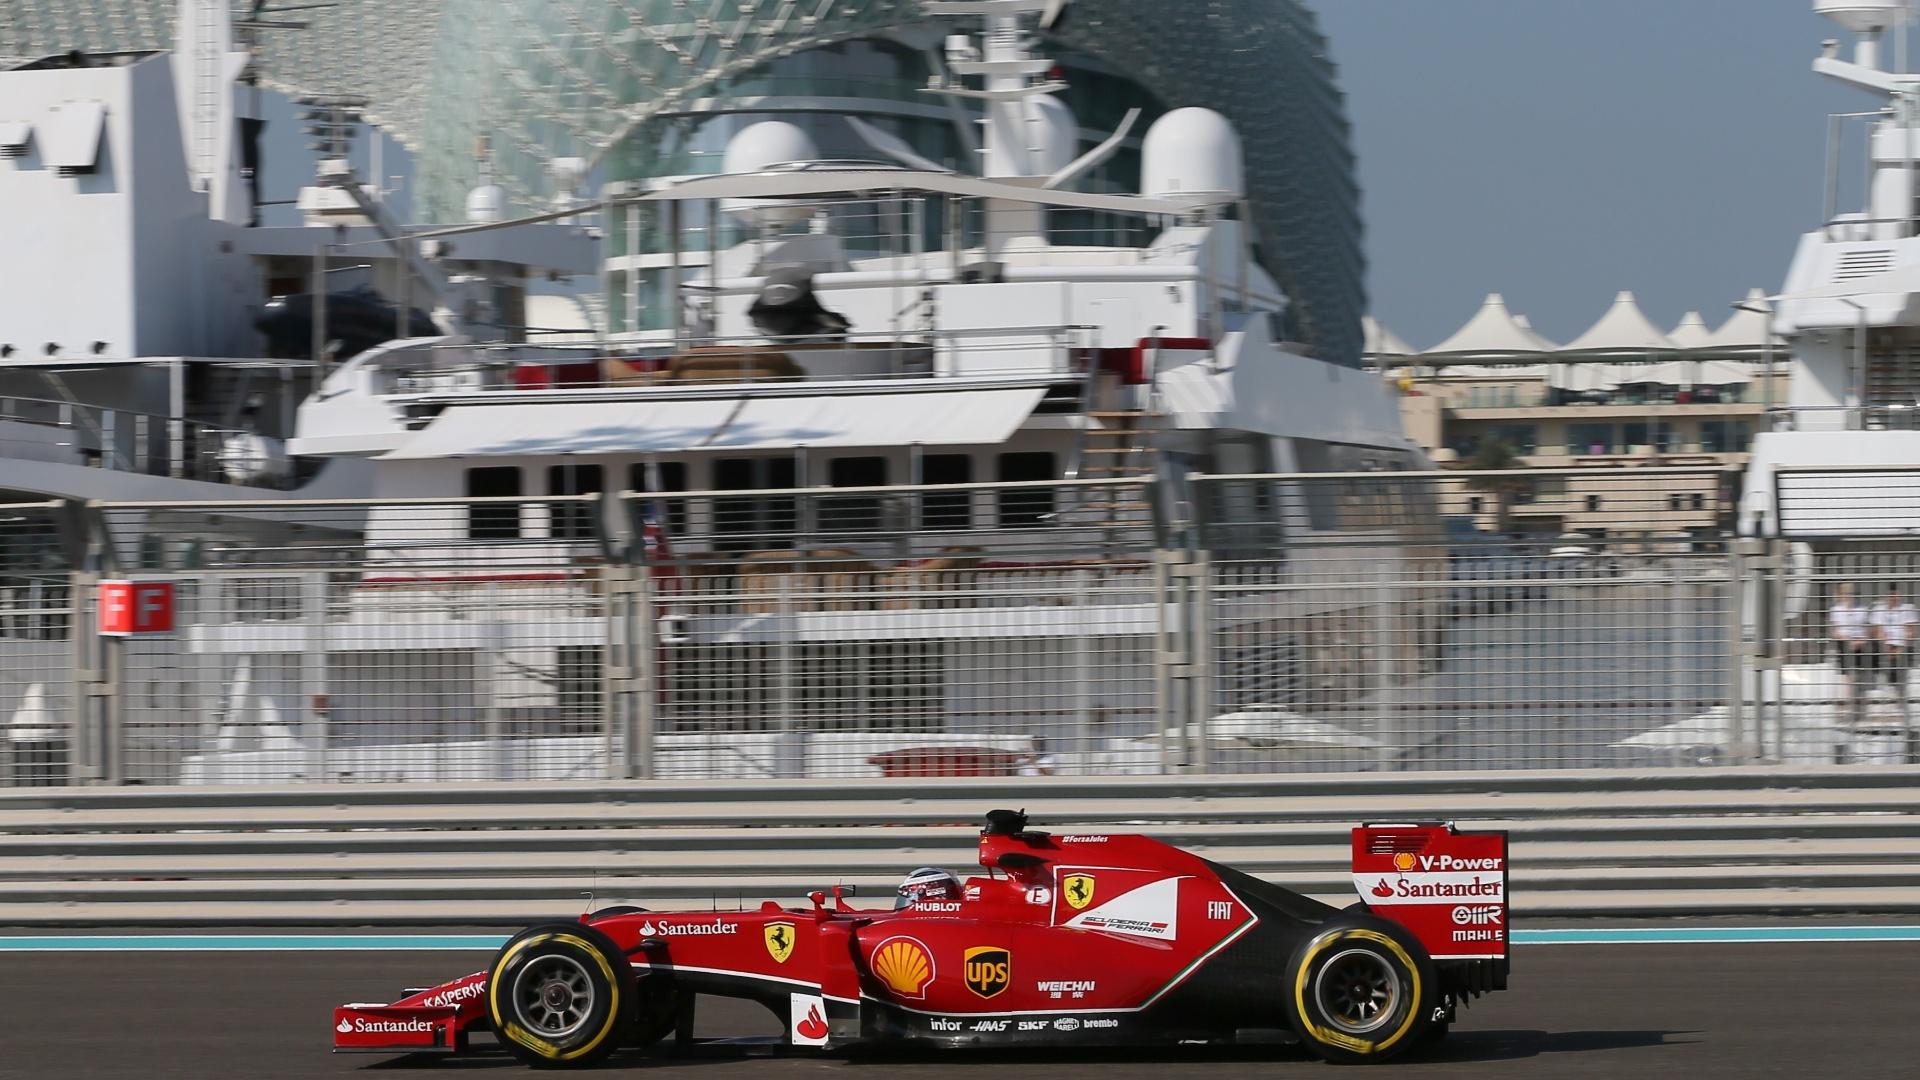 21.nov.2014 - Fernando Alonso guia sua Ferrari pela pista de Yas Marina durante os treinos livres para o GP dos Emirados Árabes